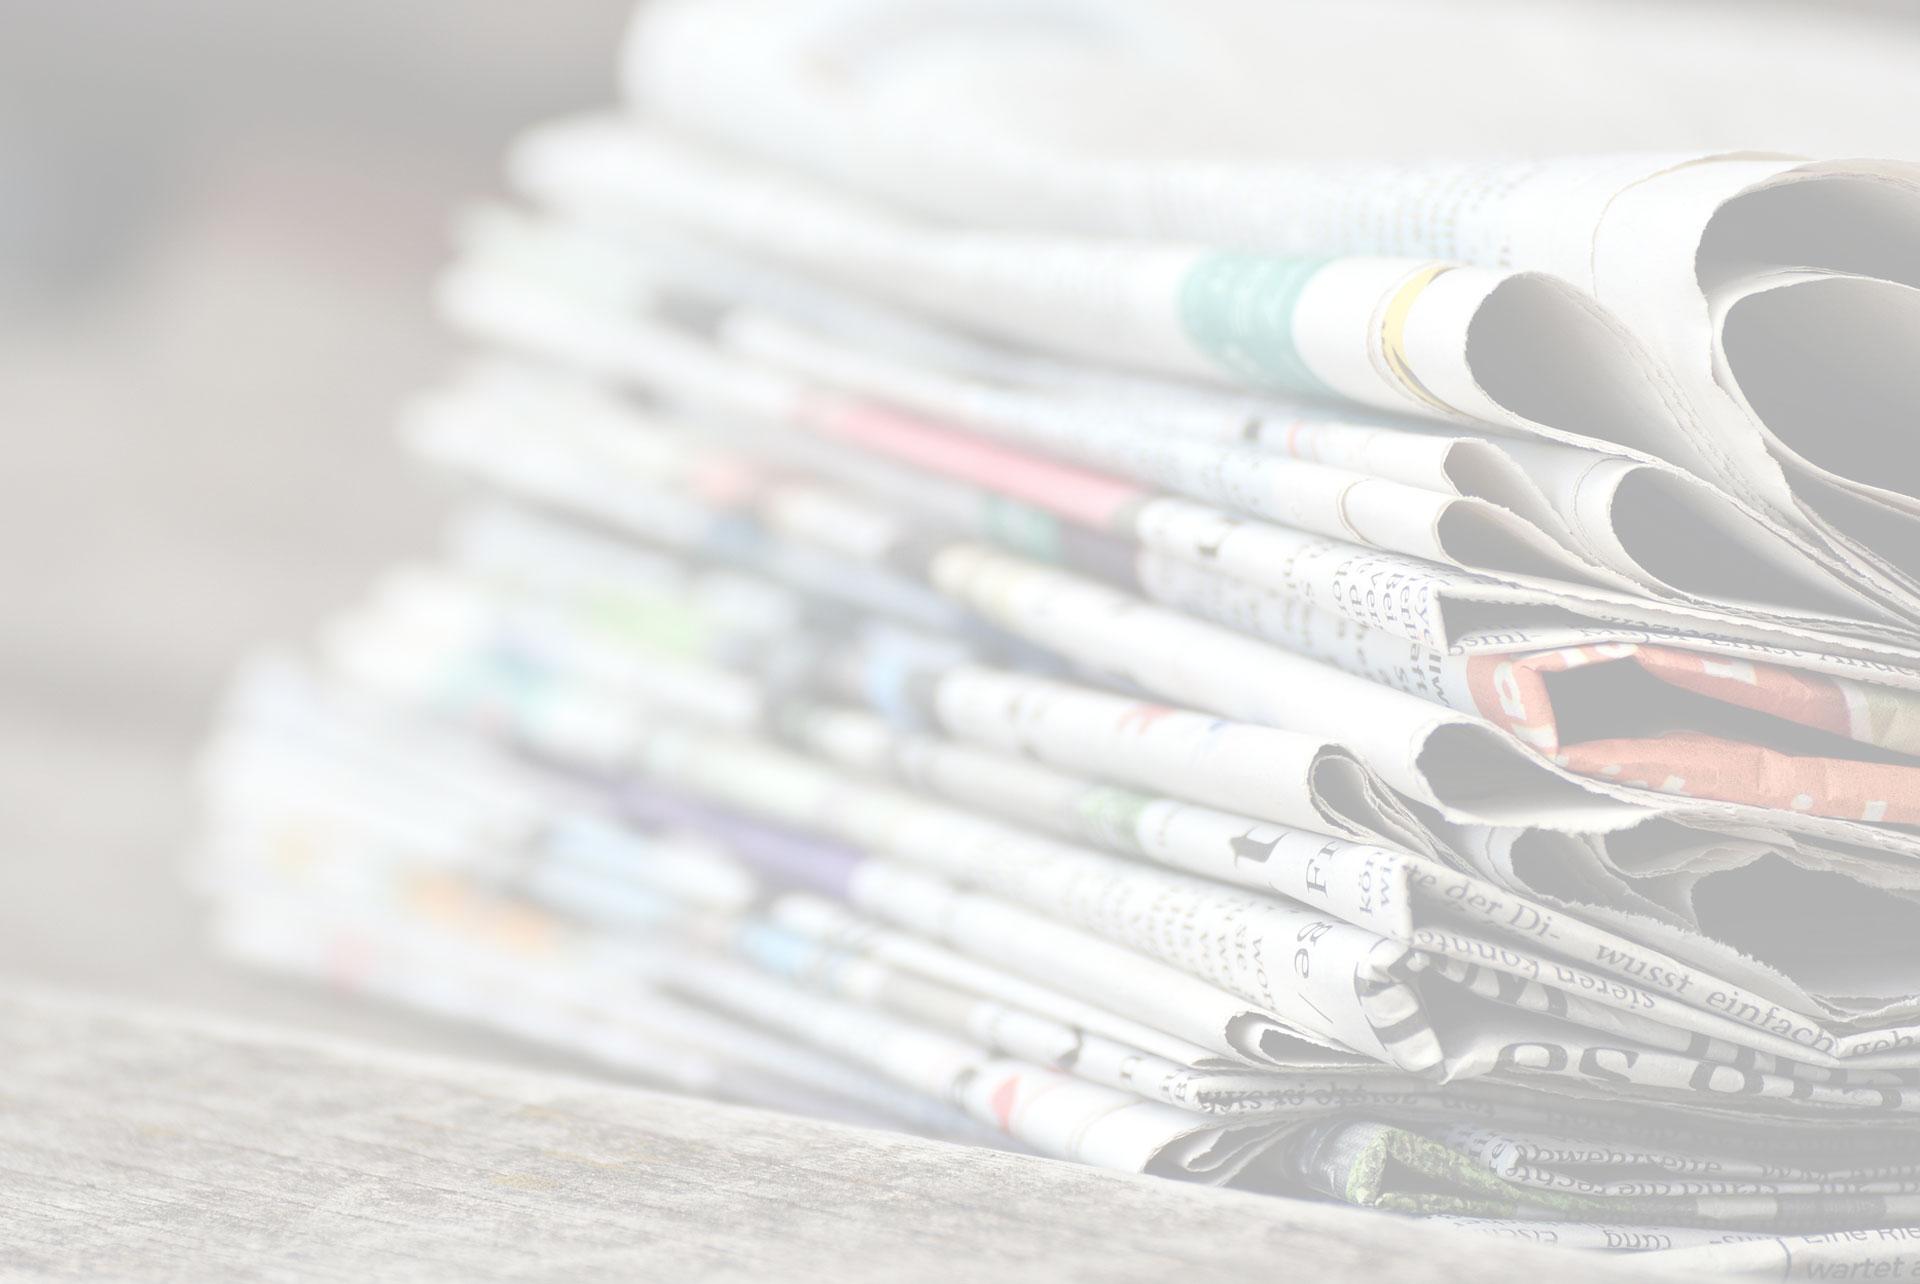 Gilet gialli, manifestazione a Sanremo: